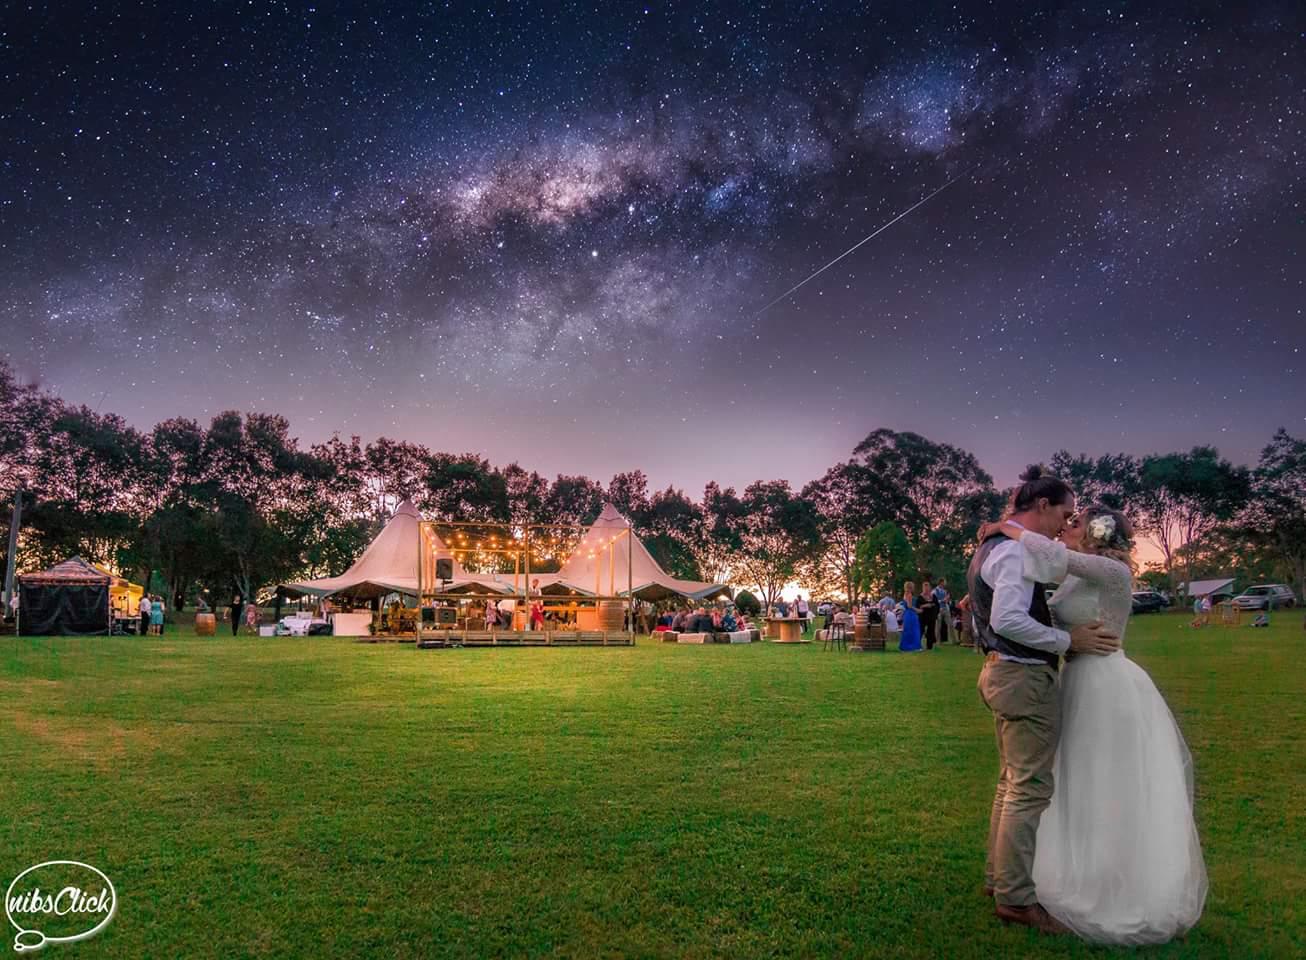 Tipi Luxe Weddings